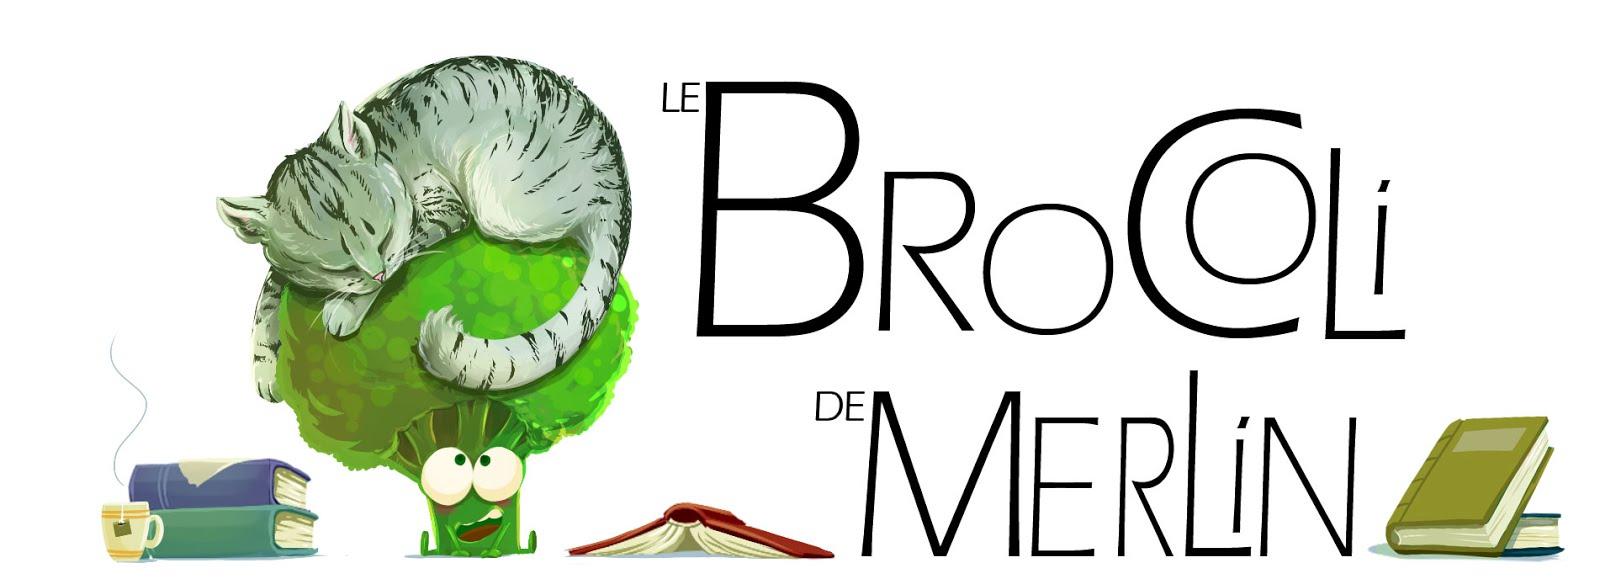 Le Brocoli de Merlin